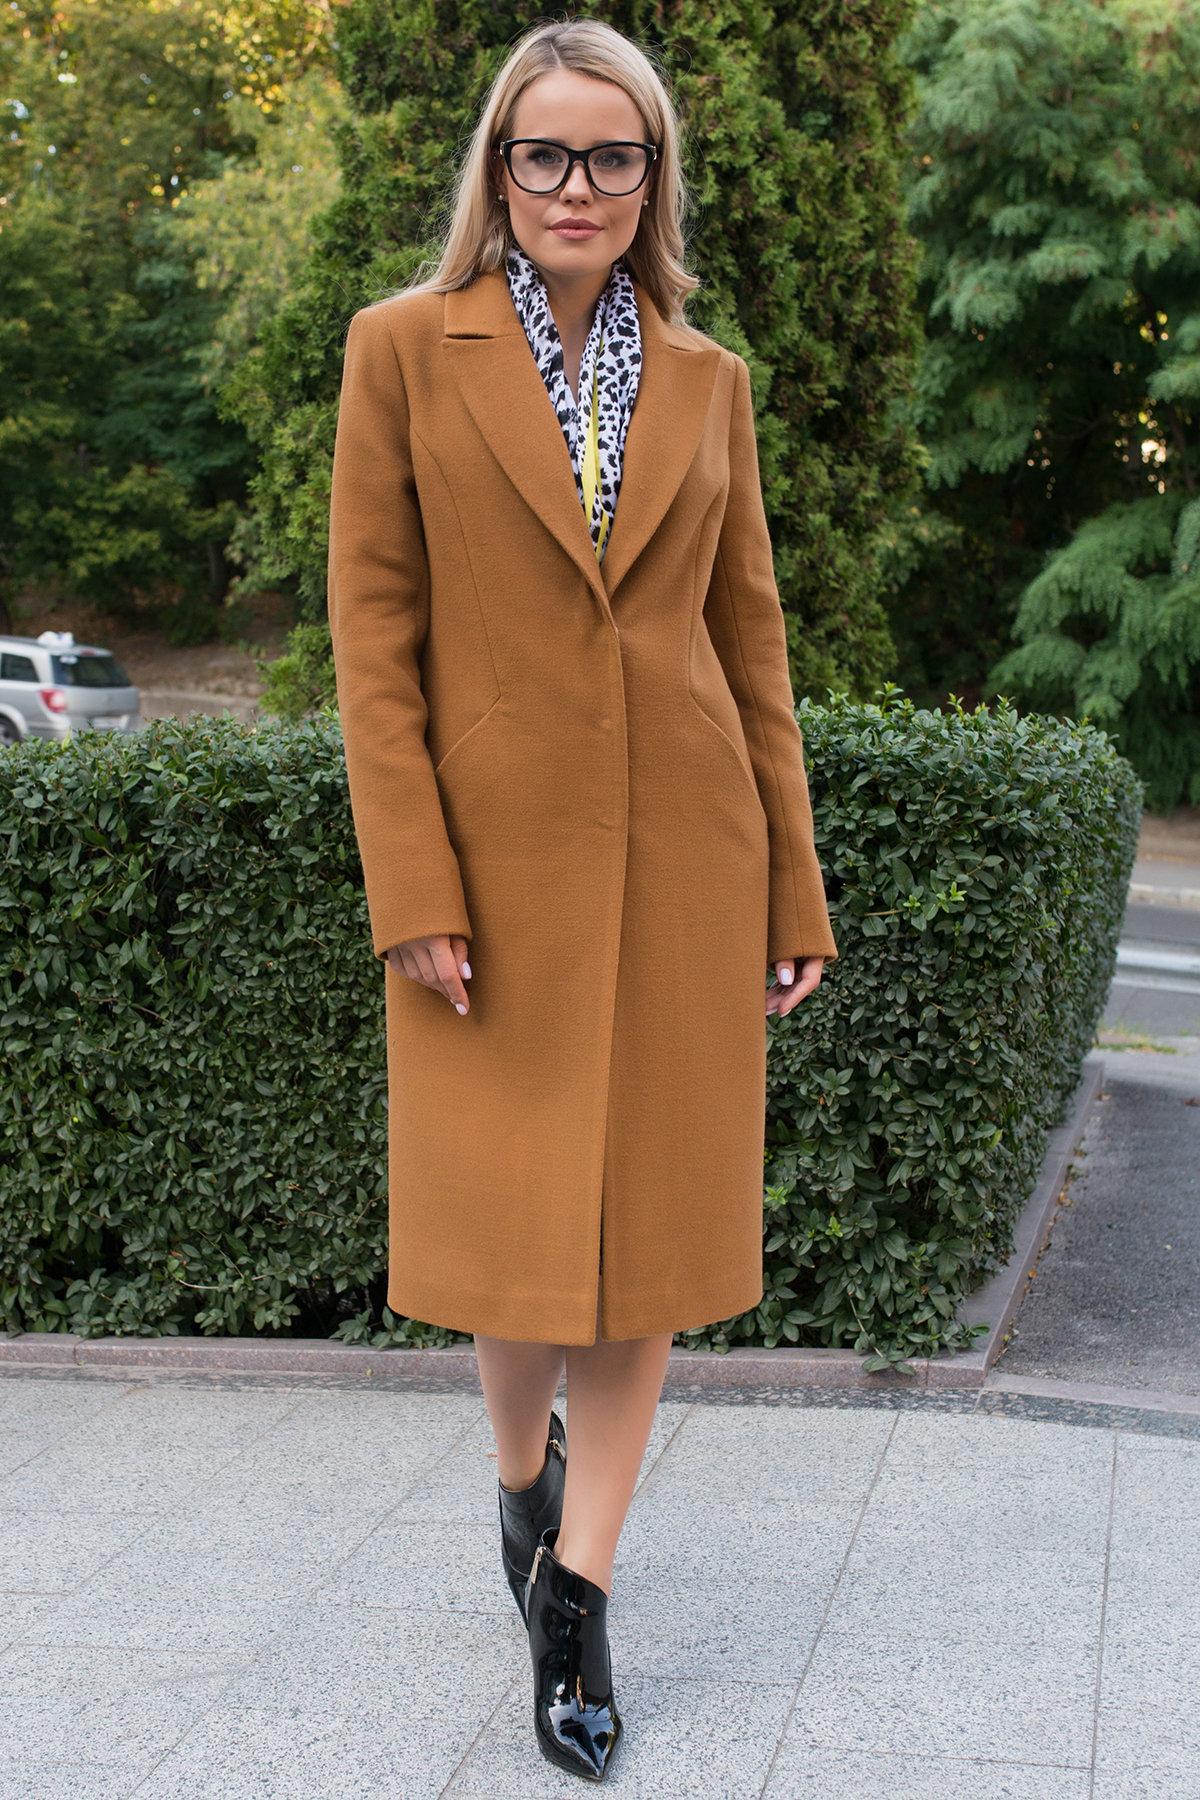 Пальто осенние Кареро 7968 АРТ. 43927 Цвет: Кемел - фото 3, интернет магазин tm-modus.ru